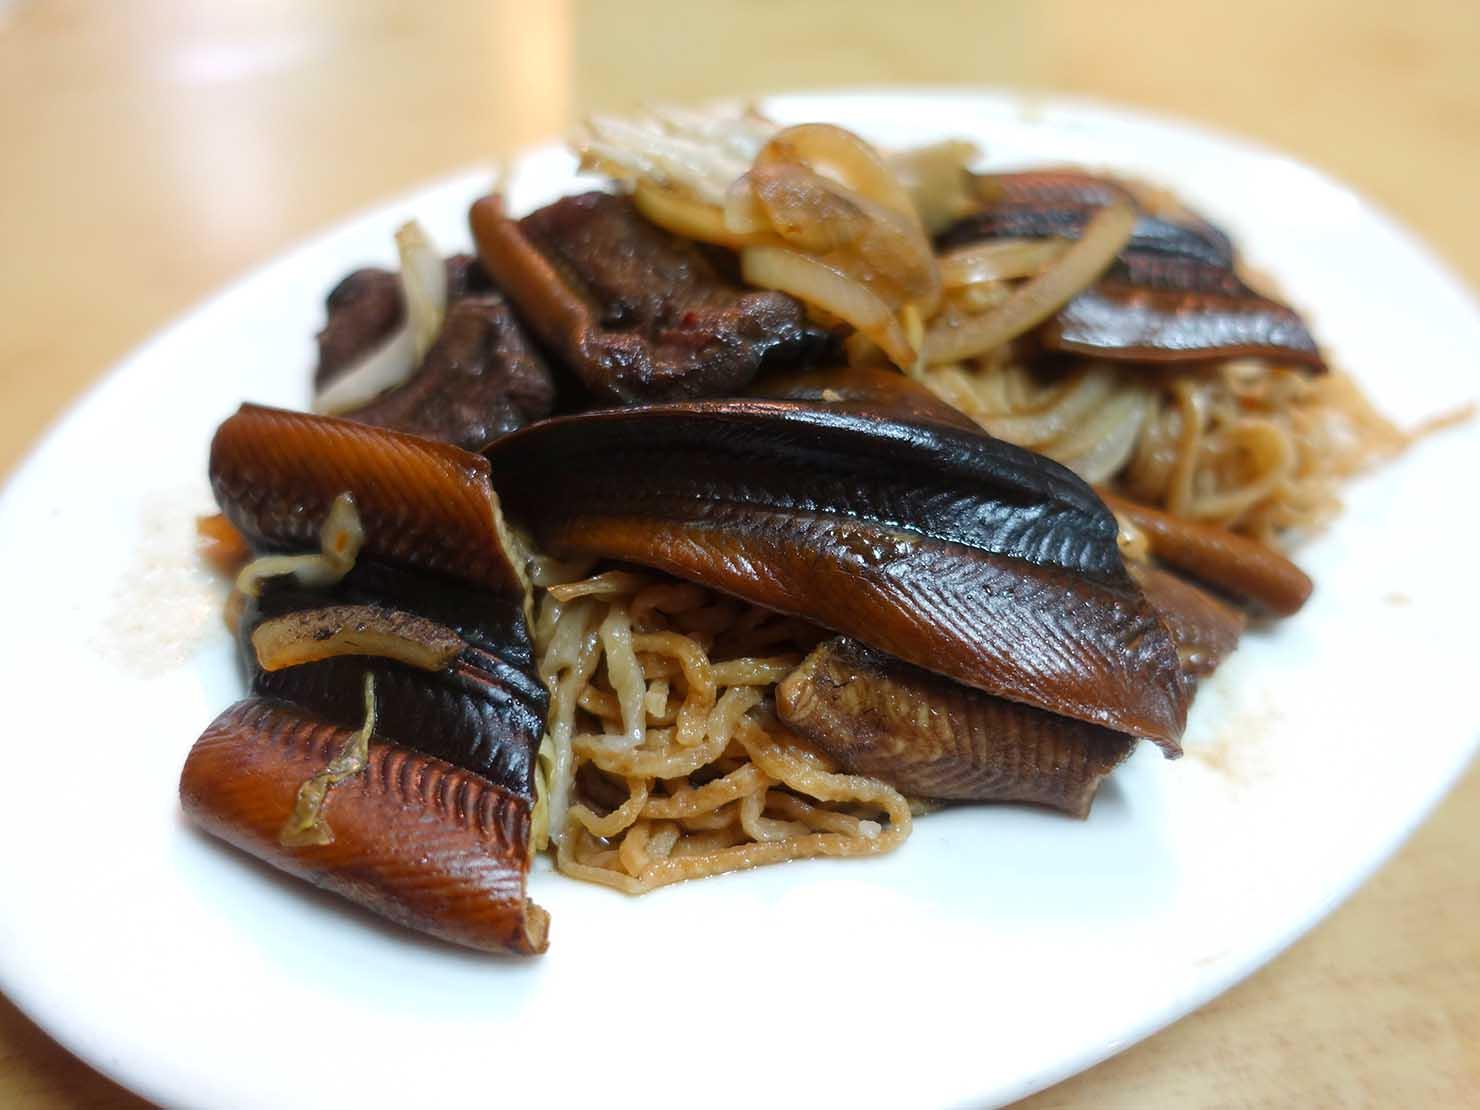 台南・永樂市場(國華街)のおすすめ台湾グルメ店「黃記鱔魚意麵」の乾炒鱔魚意麵